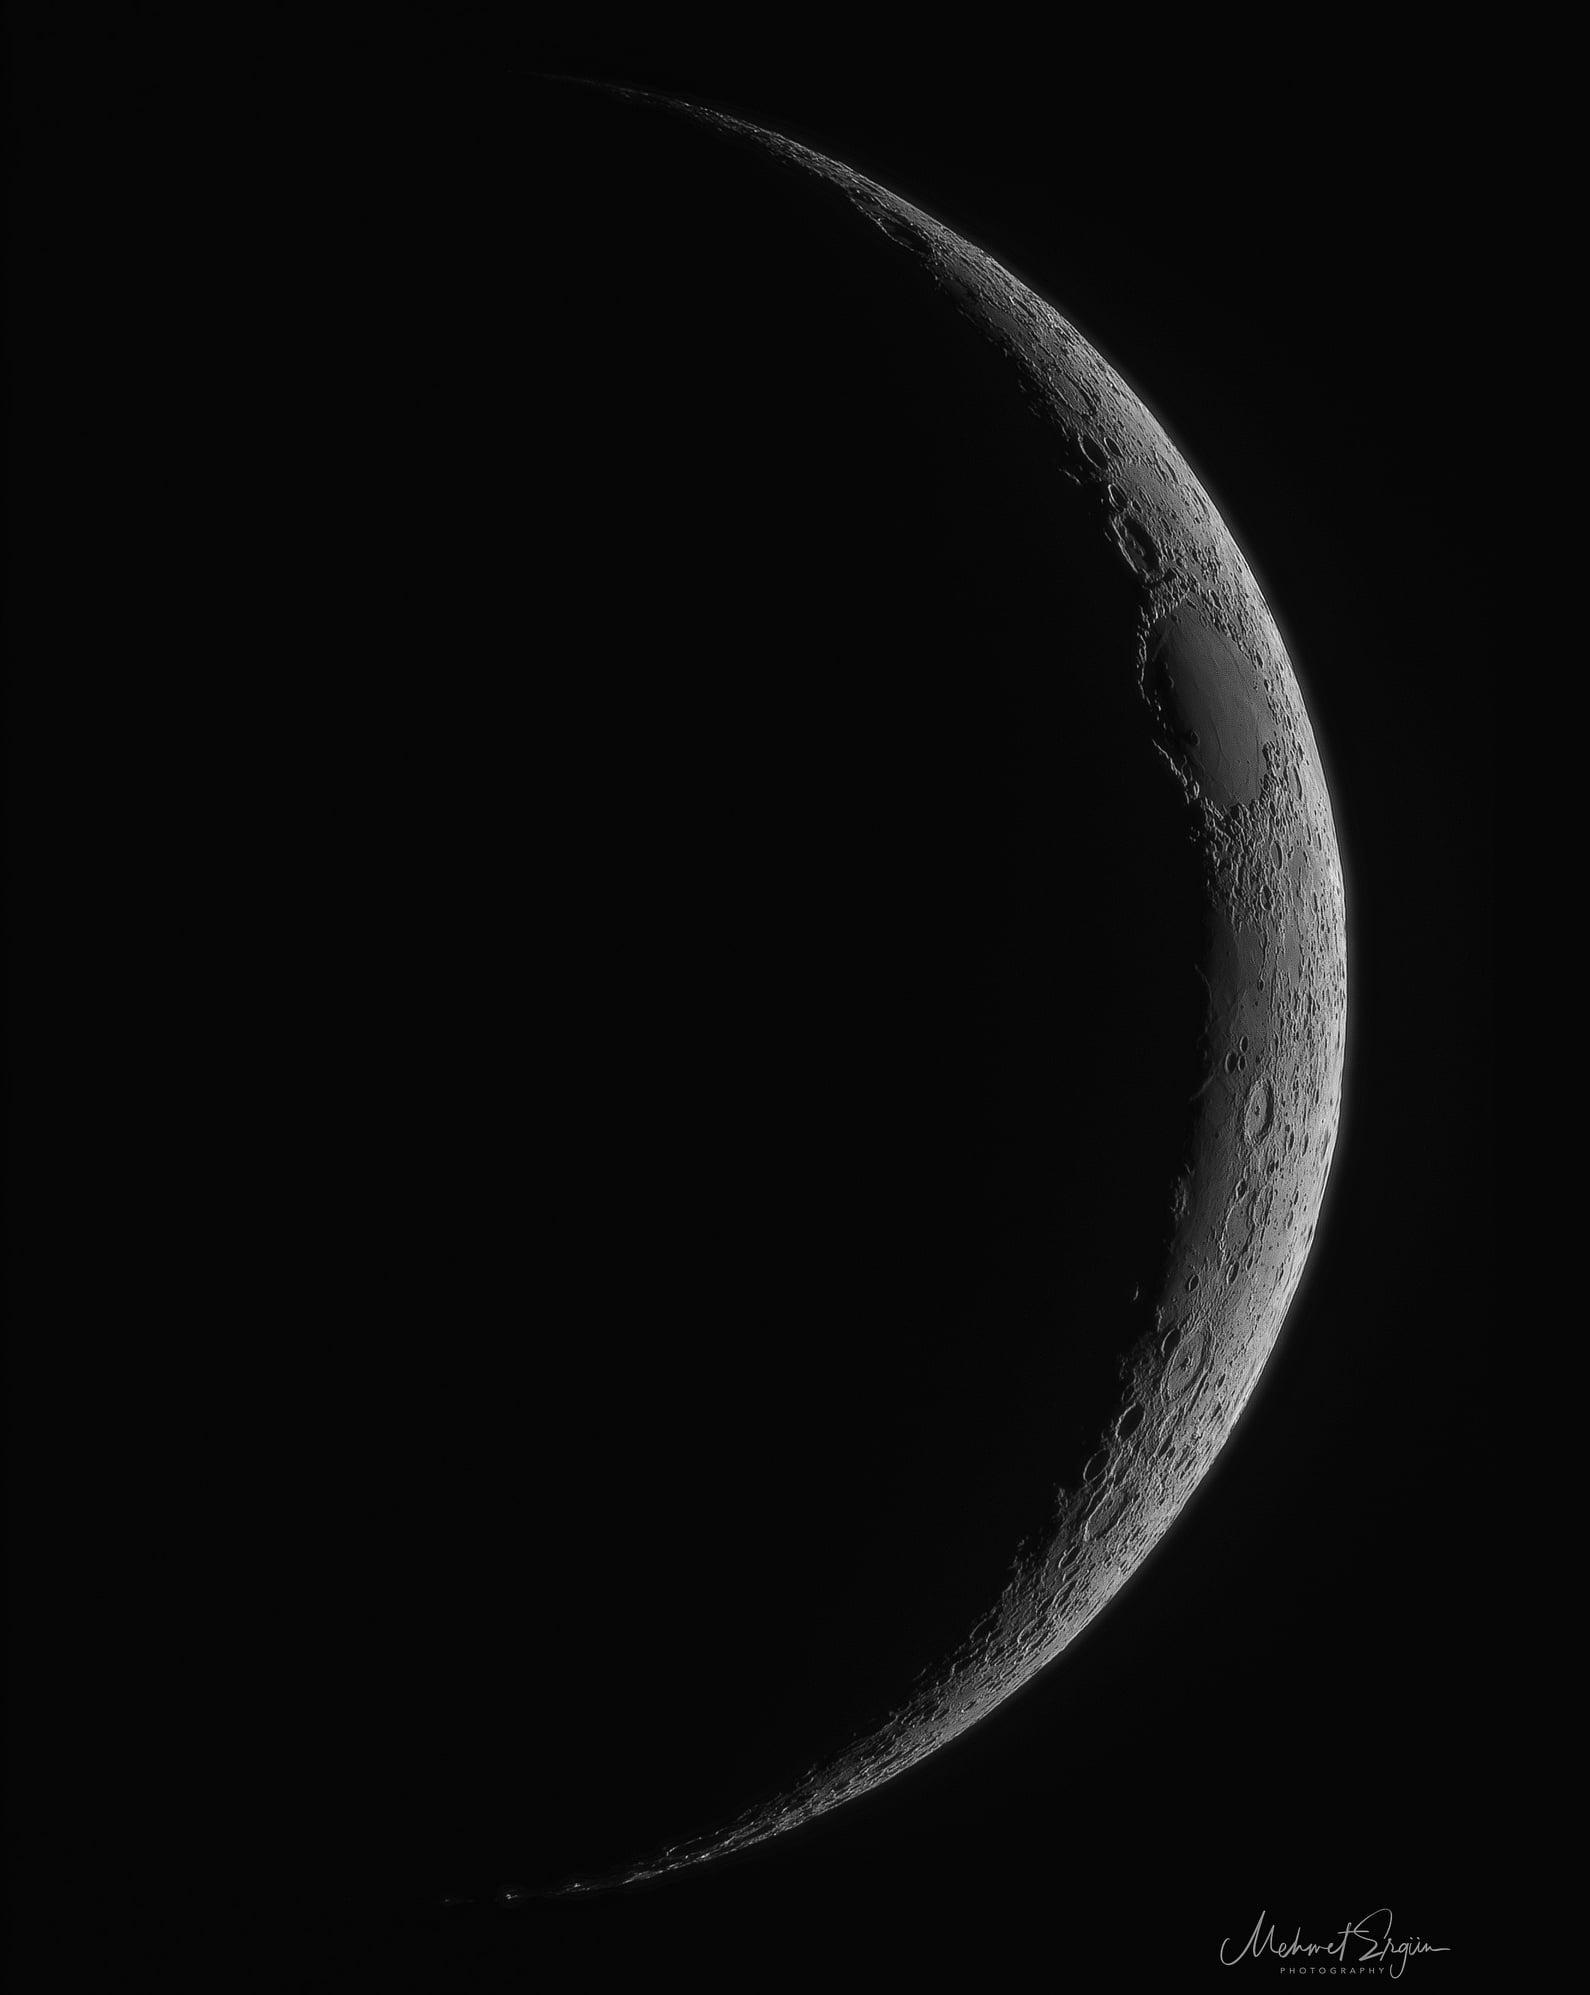 Moon by Mehmet Ergün